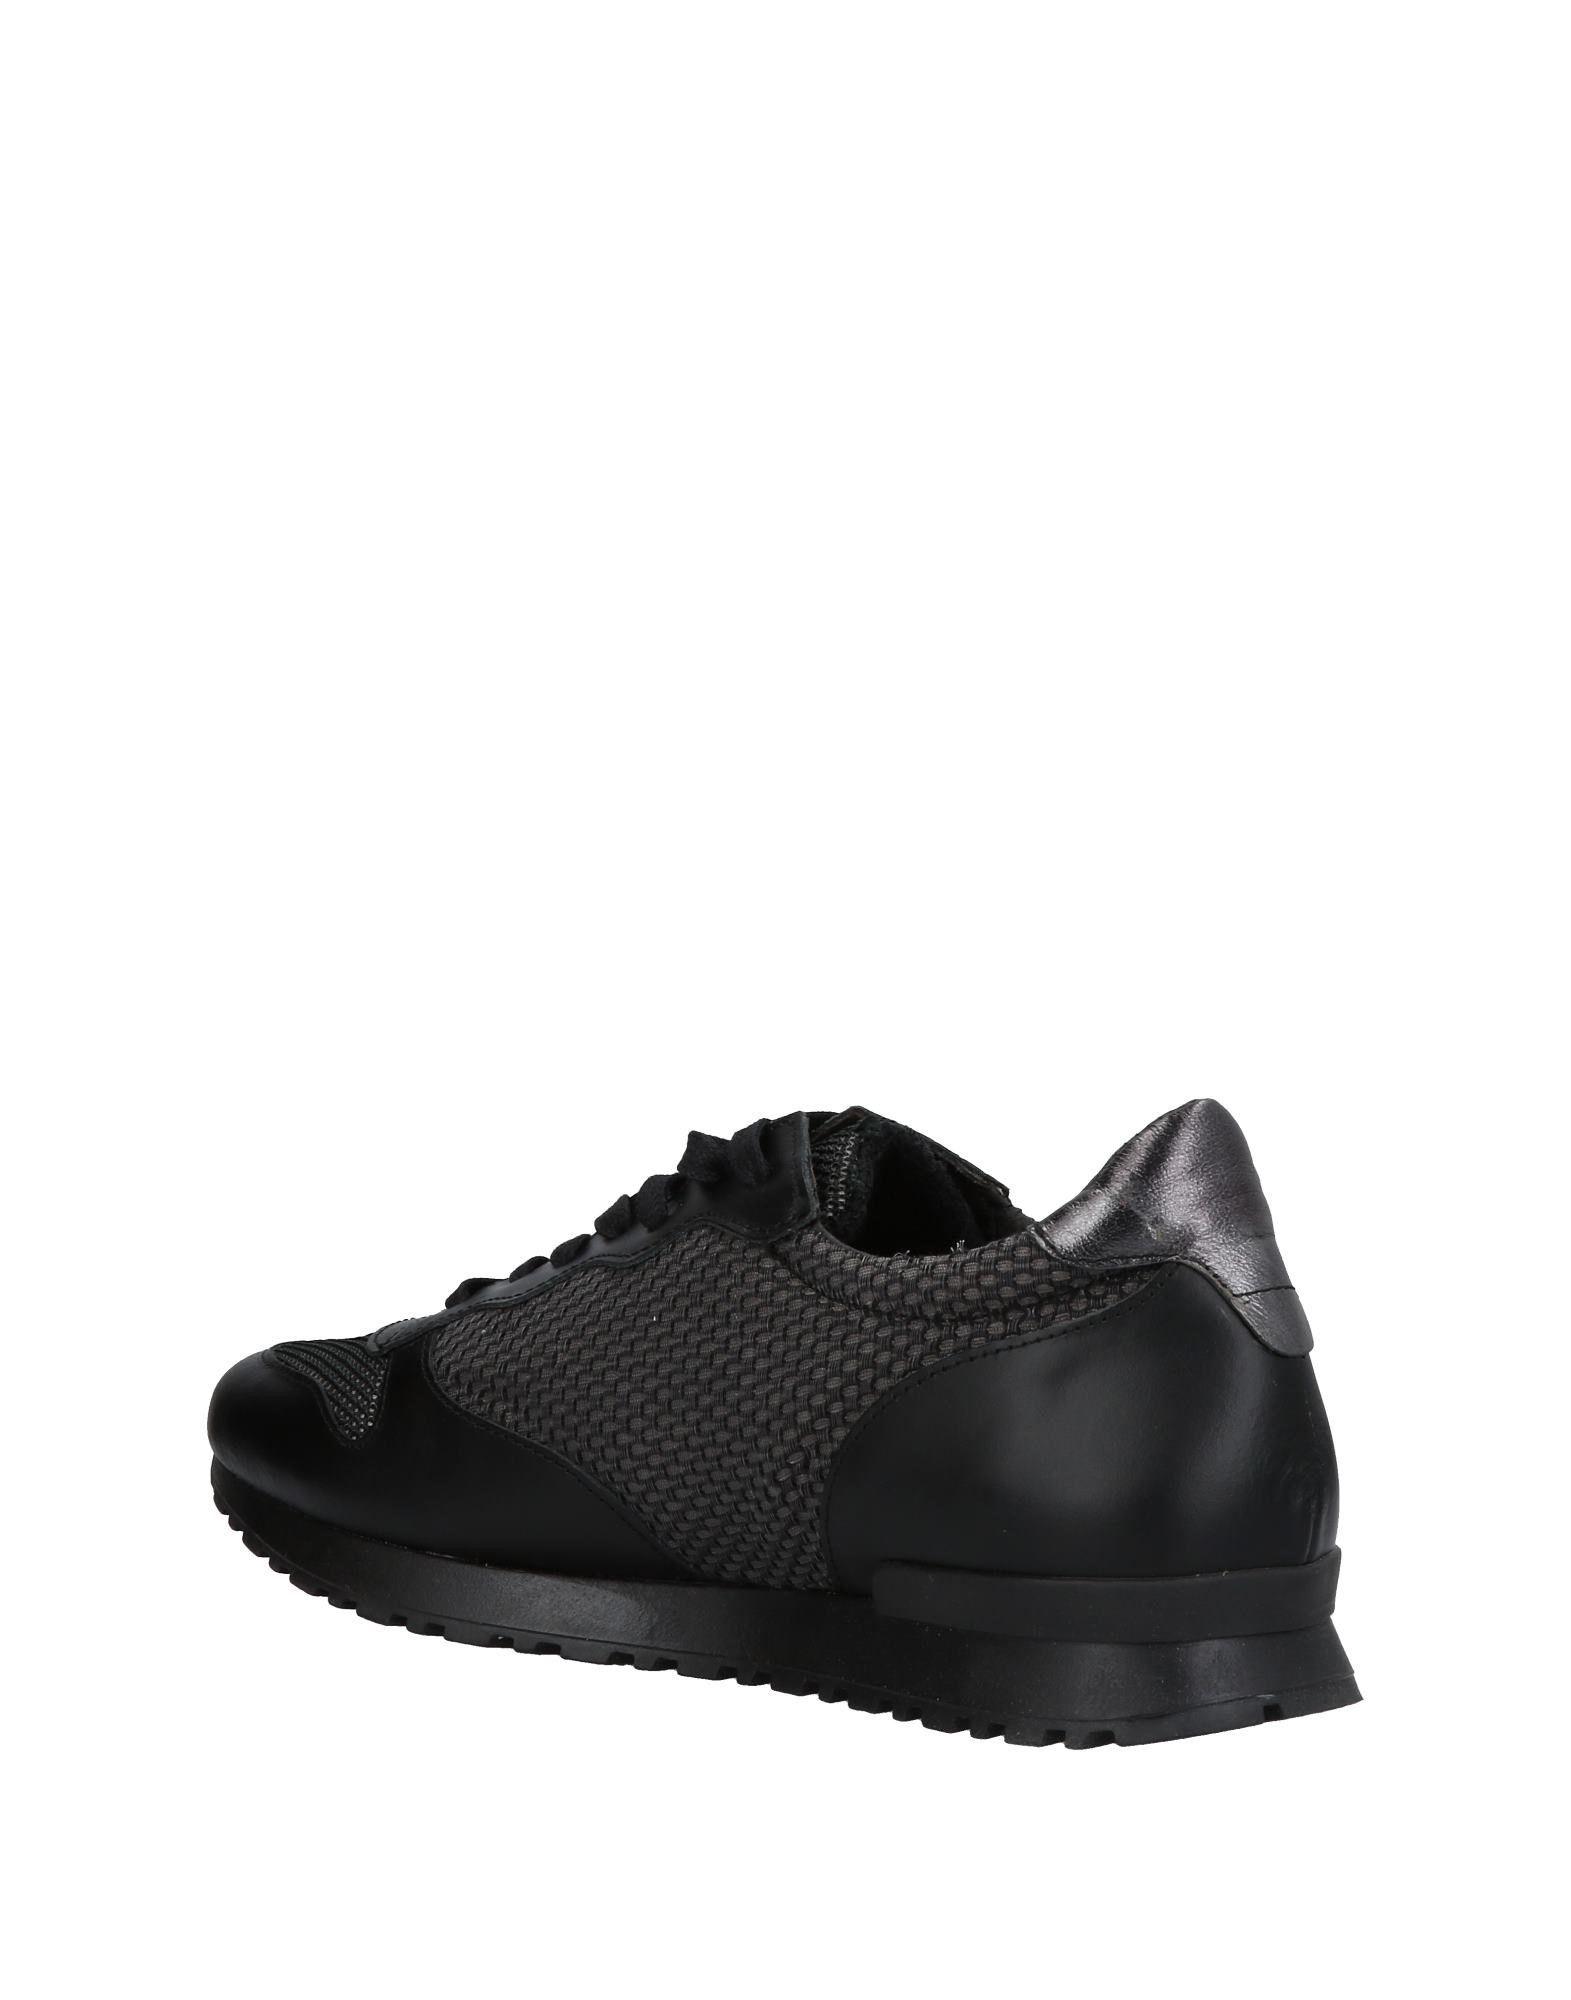 Rabatt echte Schuhe D.A.T.E. Sneakers Herren Herren Herren  11424030BT 8ada29